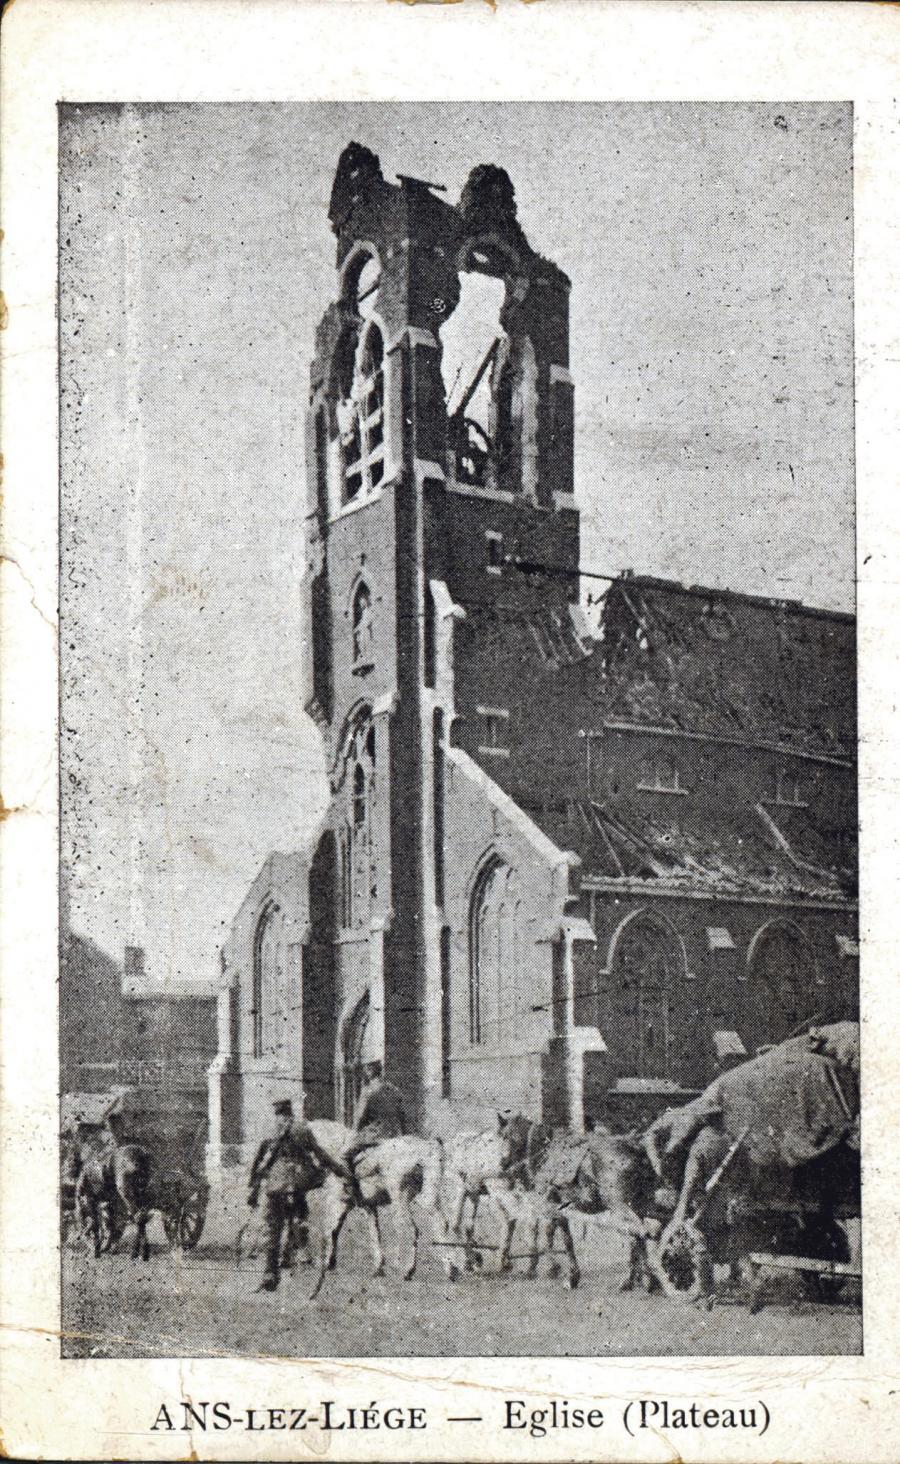 Den belgiske by Liege havde allerede været udsat for kamphandlinger i efteråret 1914.